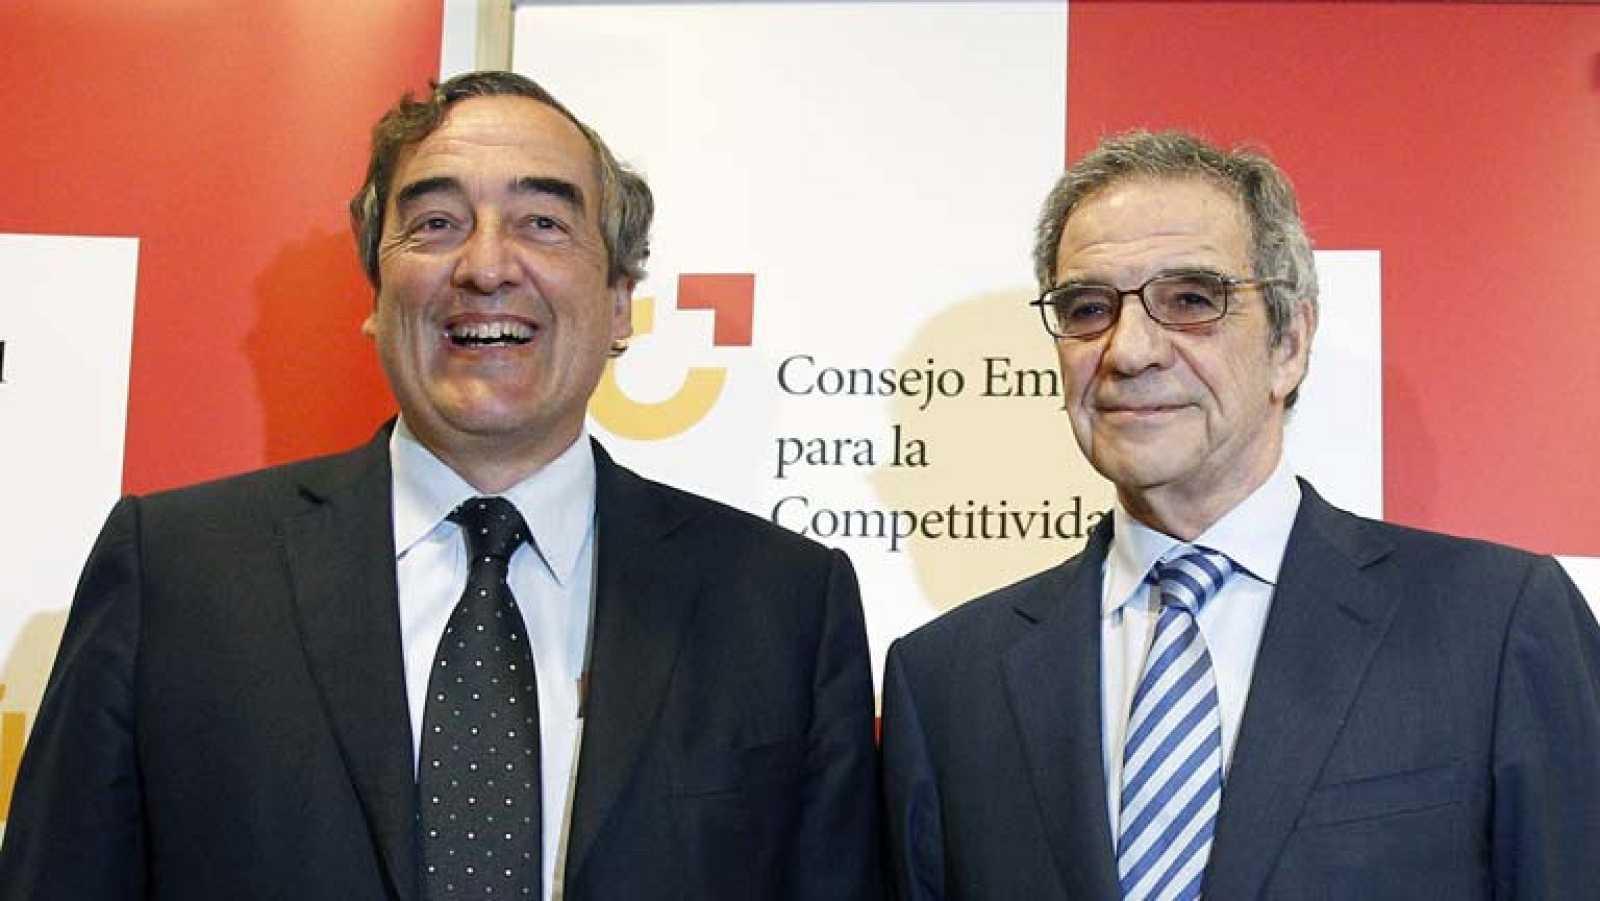 El Consejo Empresarial para la Competitividad prevé que España crezca un 0,9% en 2014